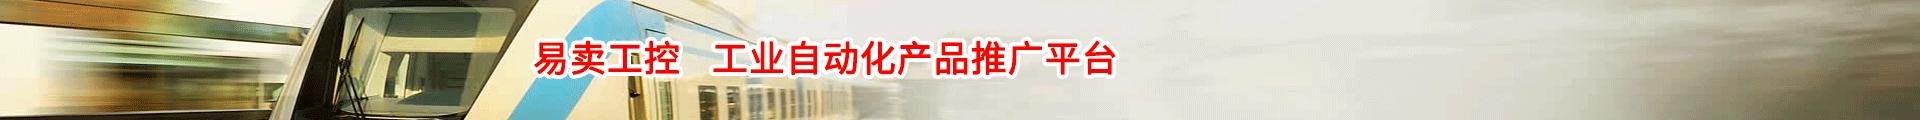 唐山韩雅电气设备有限公司